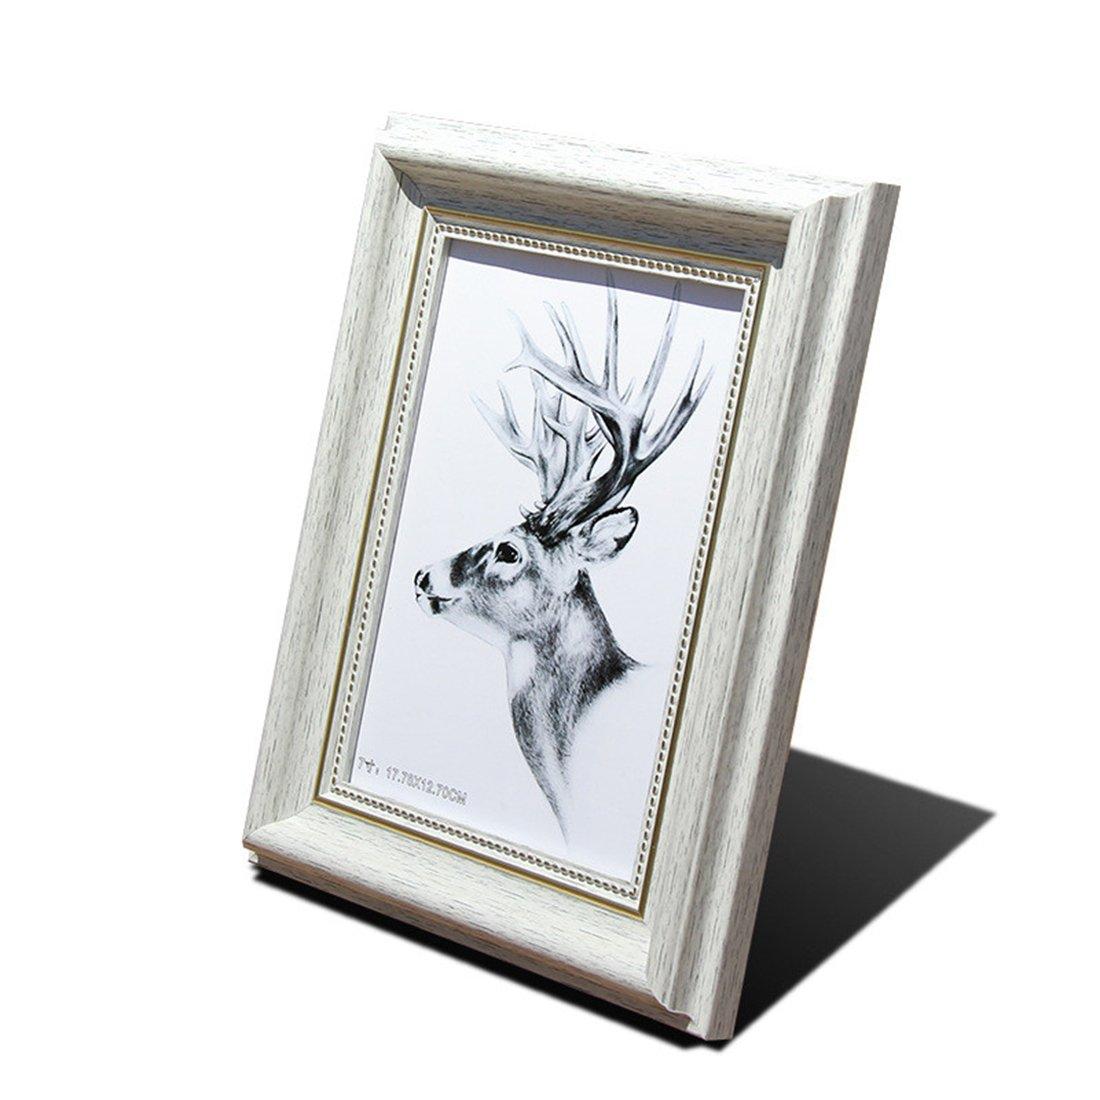 Gwell cornice decorativa creativo in acrilico vetro decorazione di tavolo da parete Vintage Retro Elegante Verde/Bianco/Marrone/Marrone